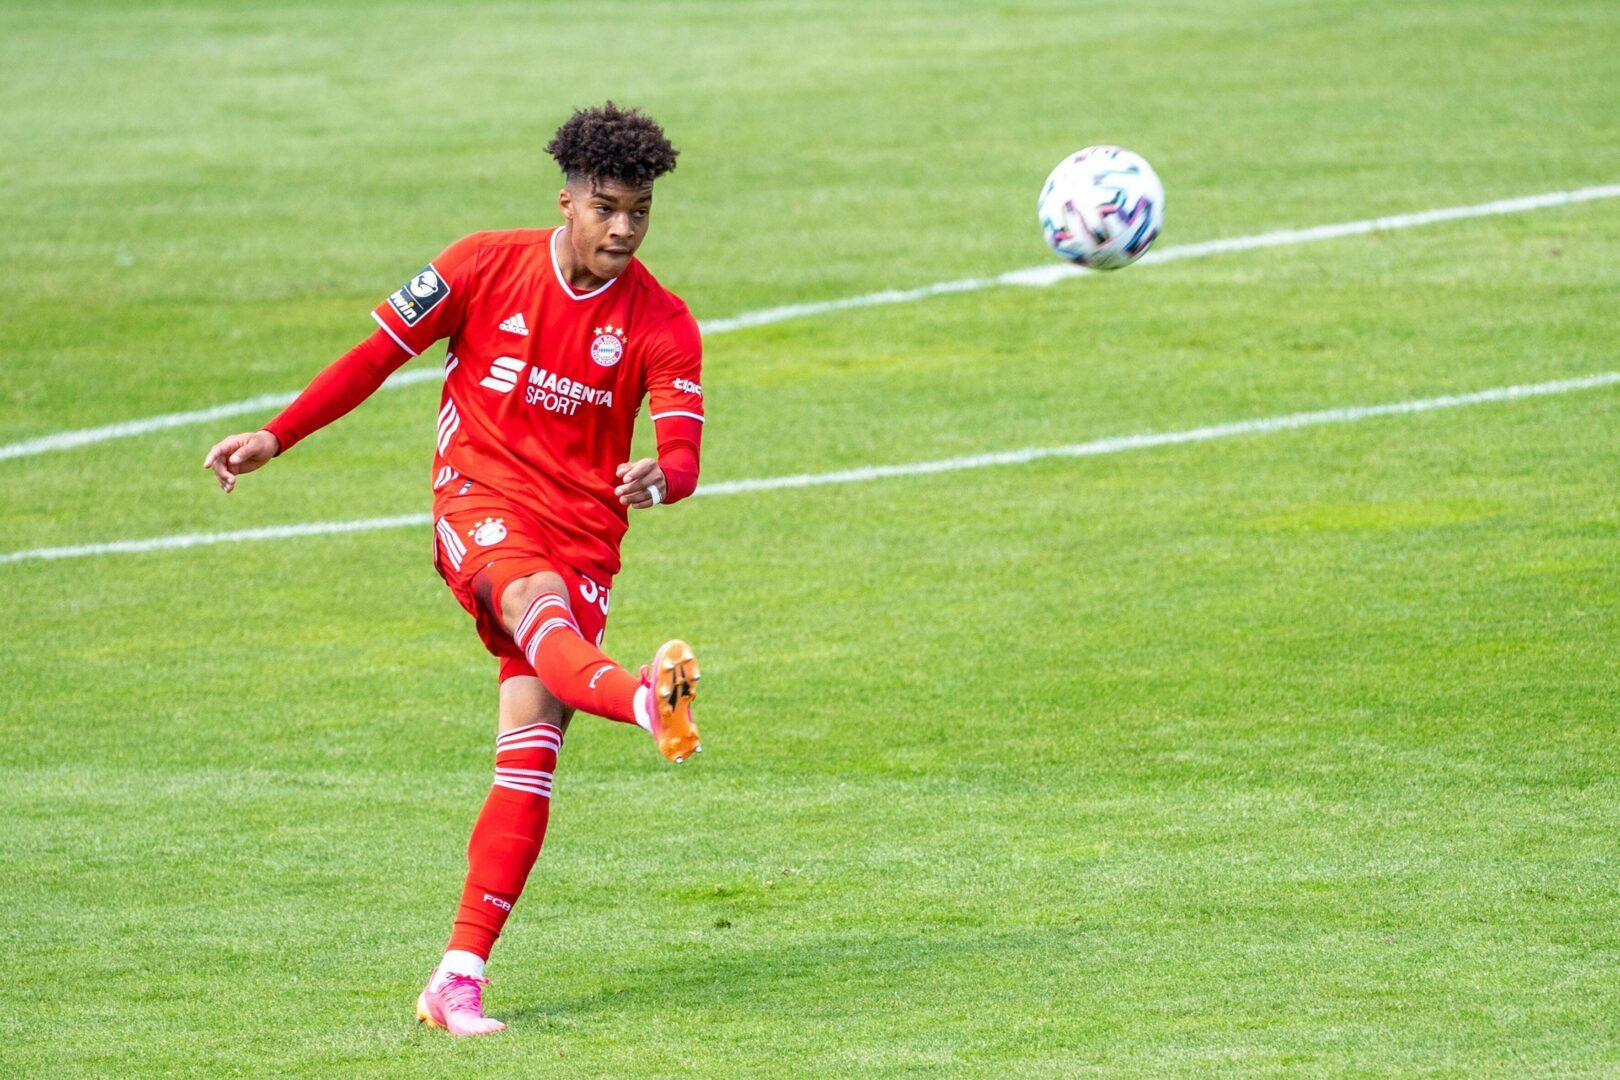 FC Bayern: Rückkehr? Erneute Gespräche mit FC Dallas wegen Justin Che!